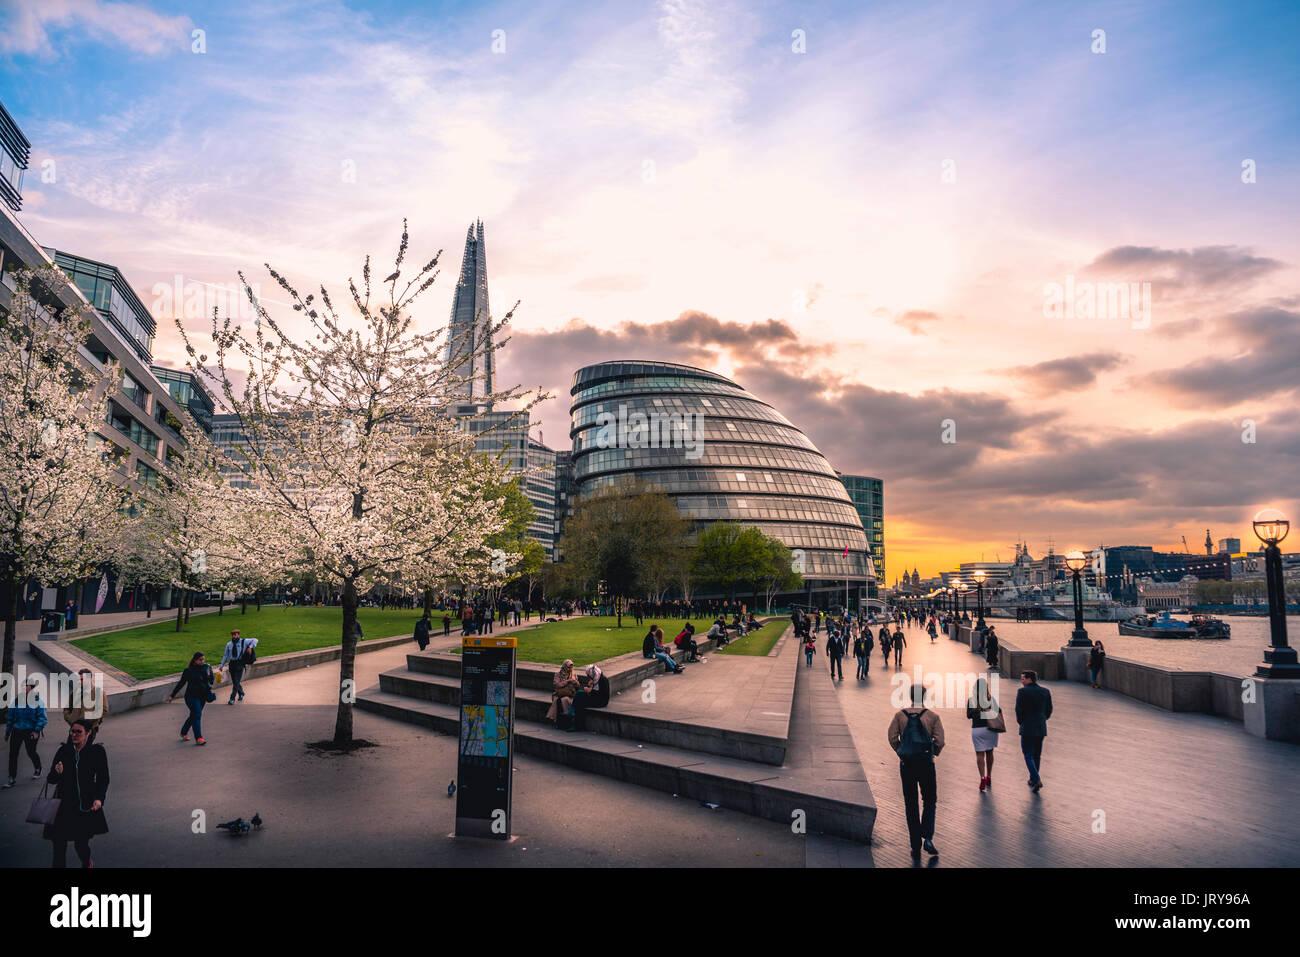 Promenade sur la Tamise, potiers, Parc des champs d'horizon, l'Hôtel de ville de Londres, le Shard, au coucher du soleil, Southwark, Londres, Angleterre Photo Stock